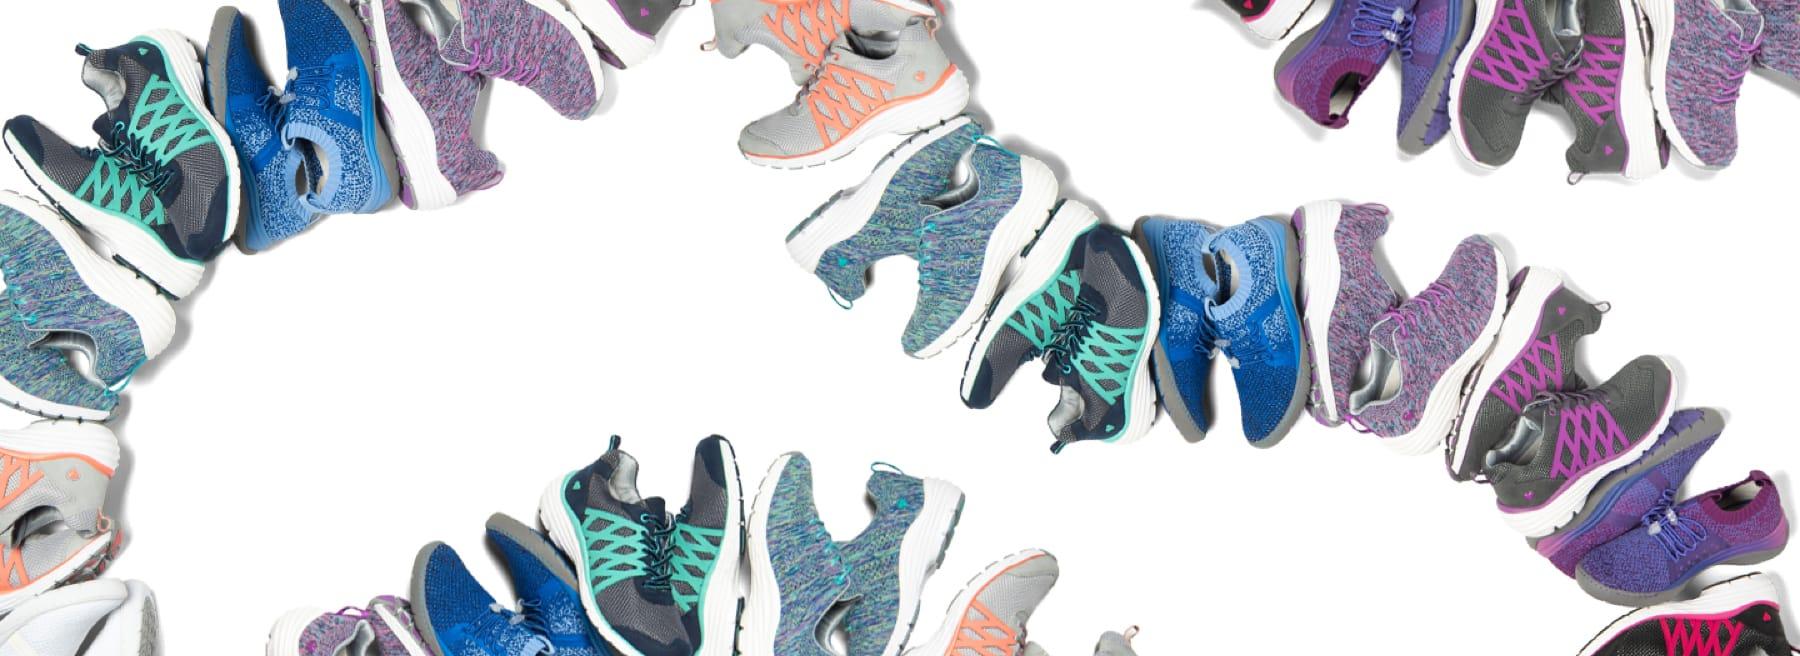 The Official Nurse Mates Shoes Website